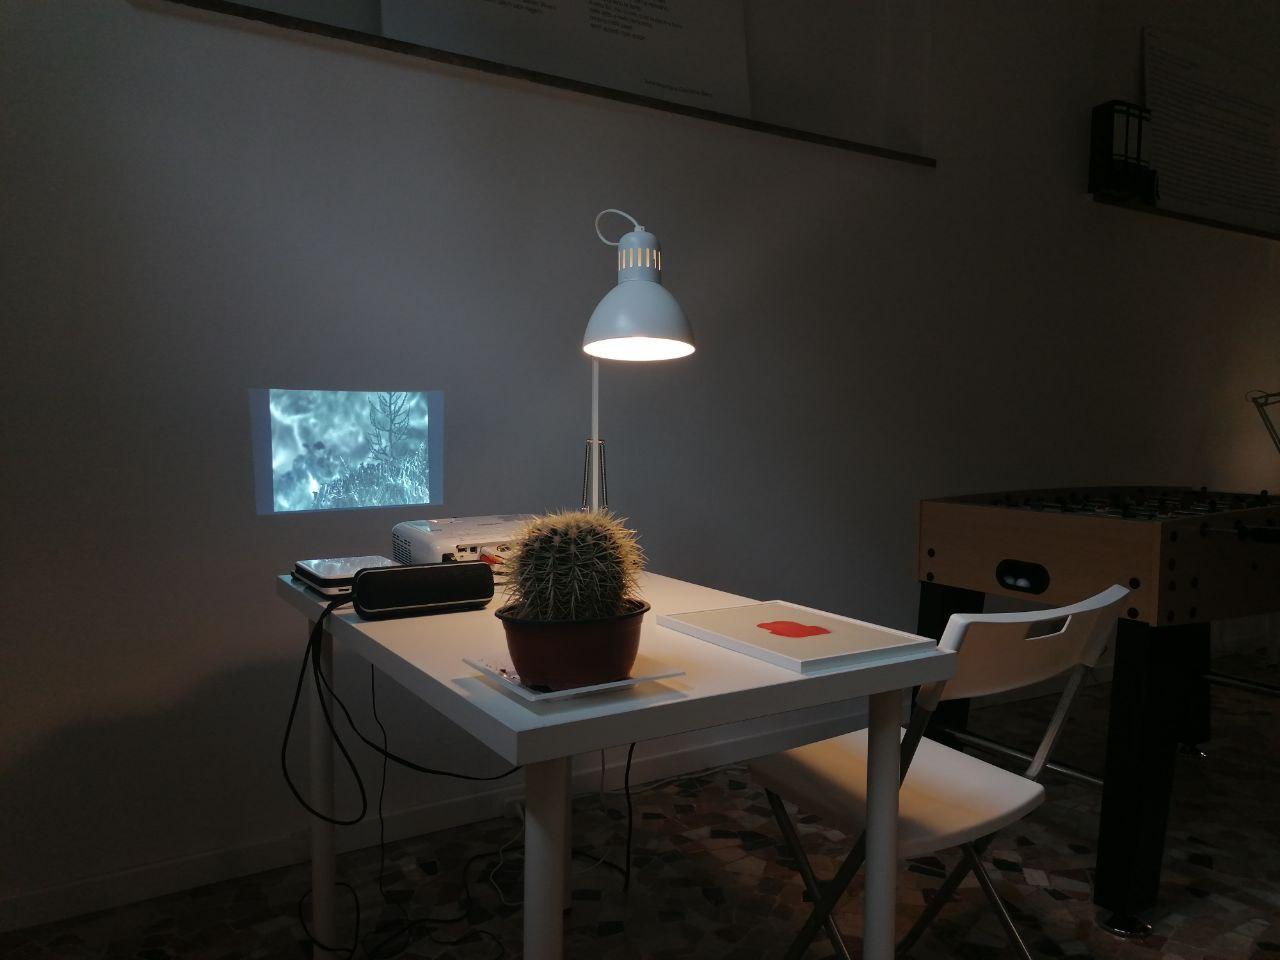 """Video Installatio, collective exhibition """"Nello spazio fa freddo"""",at Chippendale Studio, Walk in studio event, Milan, IT"""